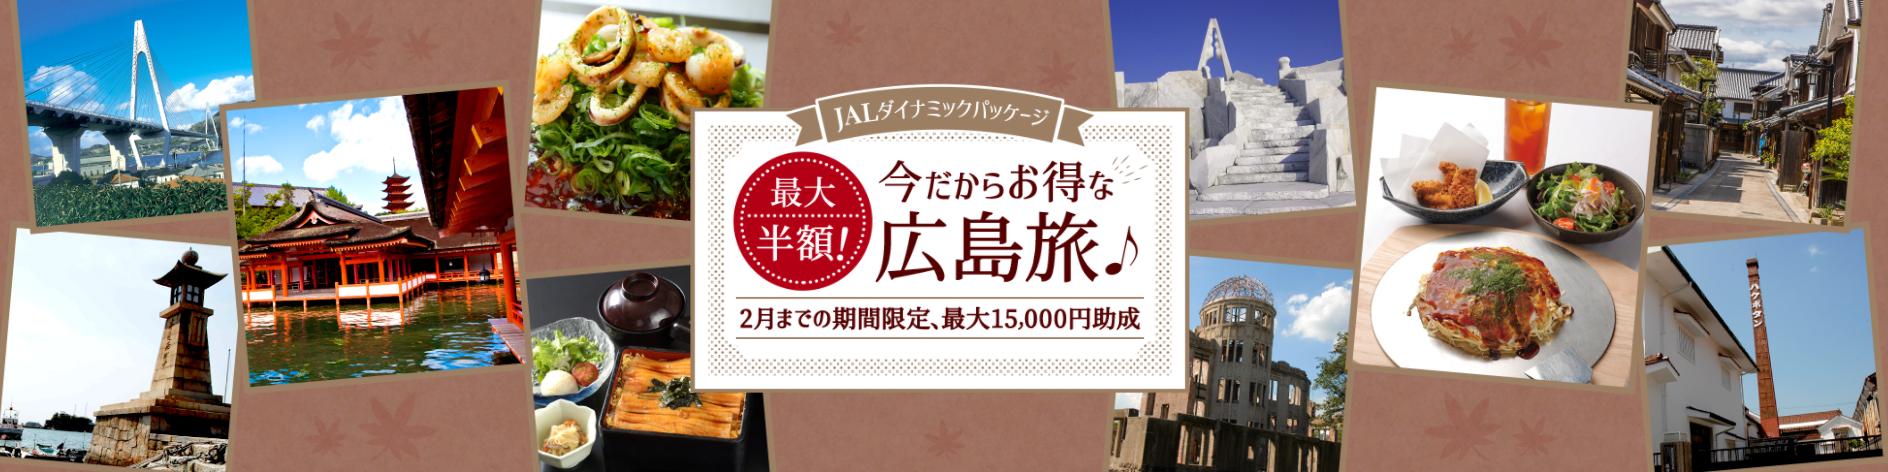 キャンペーン 広島 宿泊